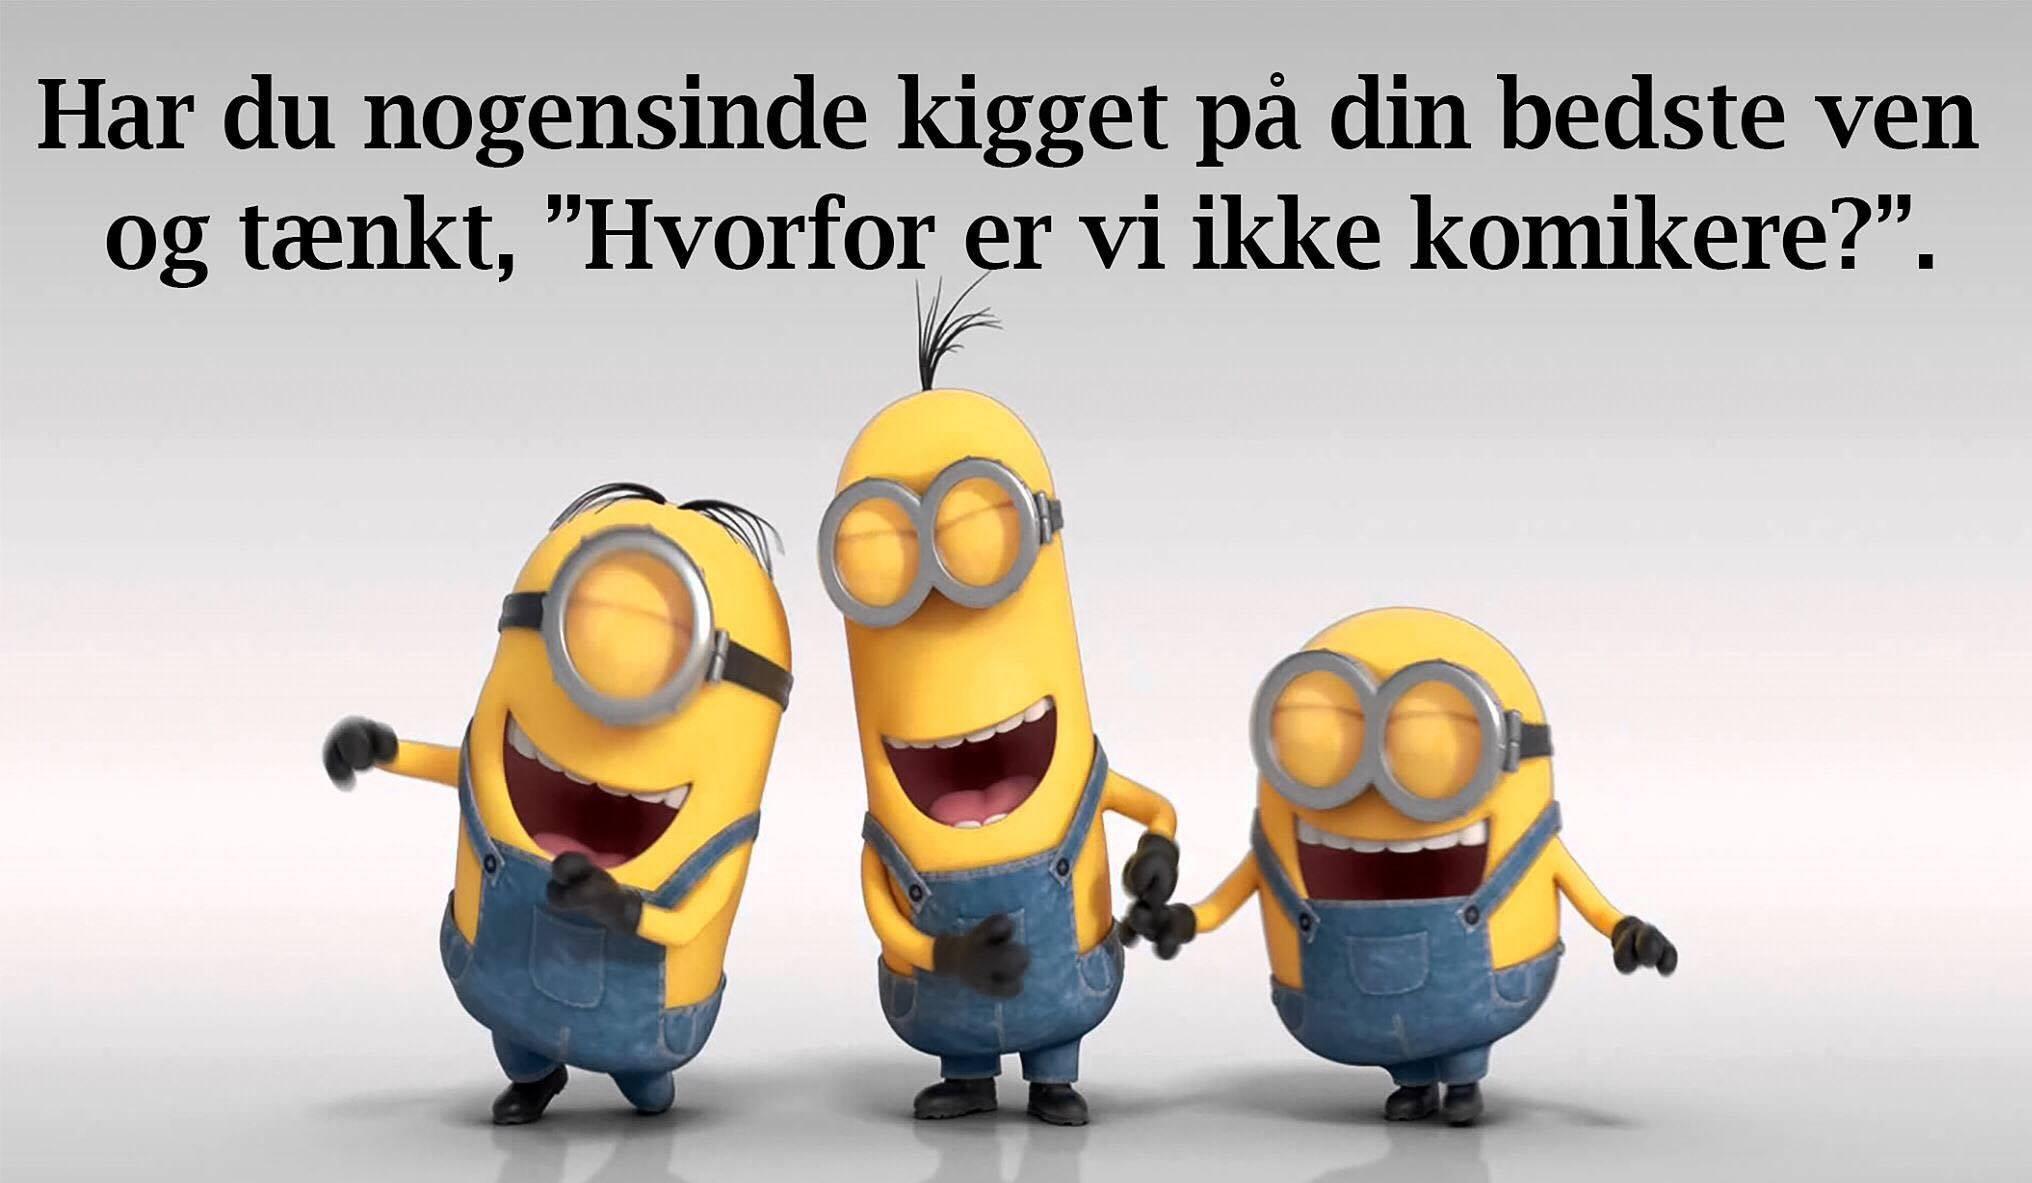 bedste citater nogensinde bedste   Danmarks sjoveste humor side, Yndlings citater, gode  bedste citater nogensinde